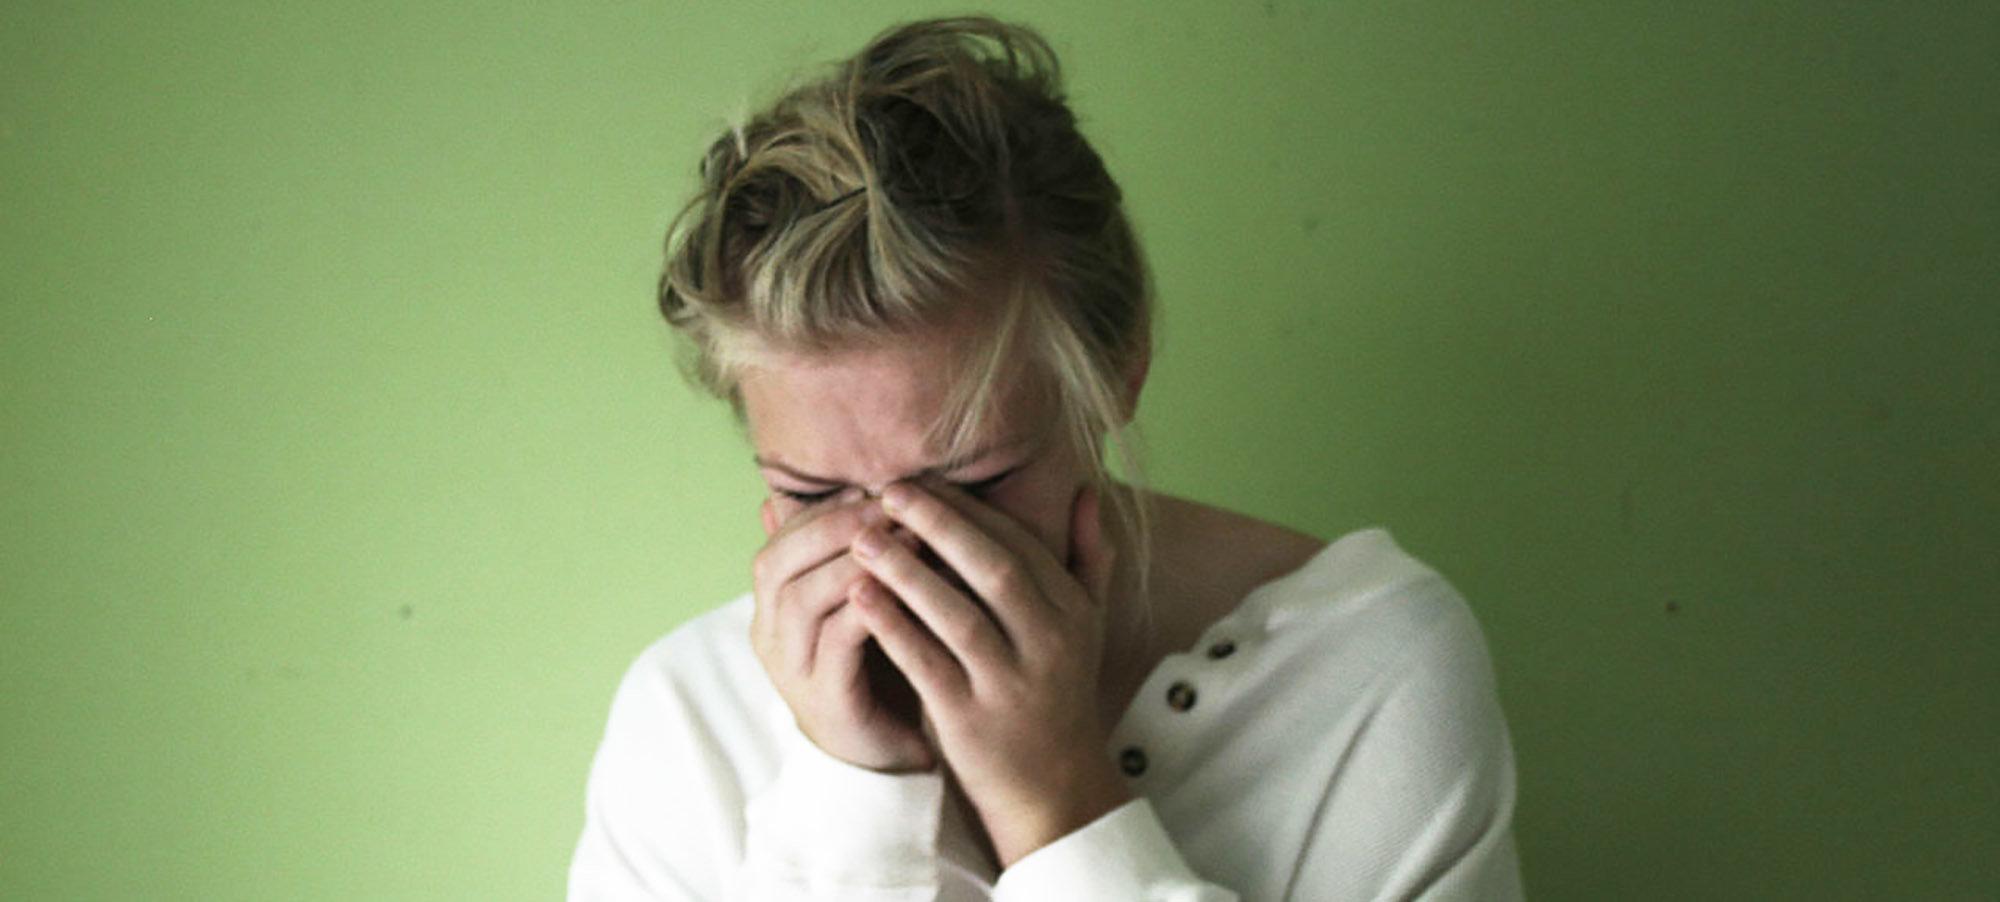 har mensvärk utan mens